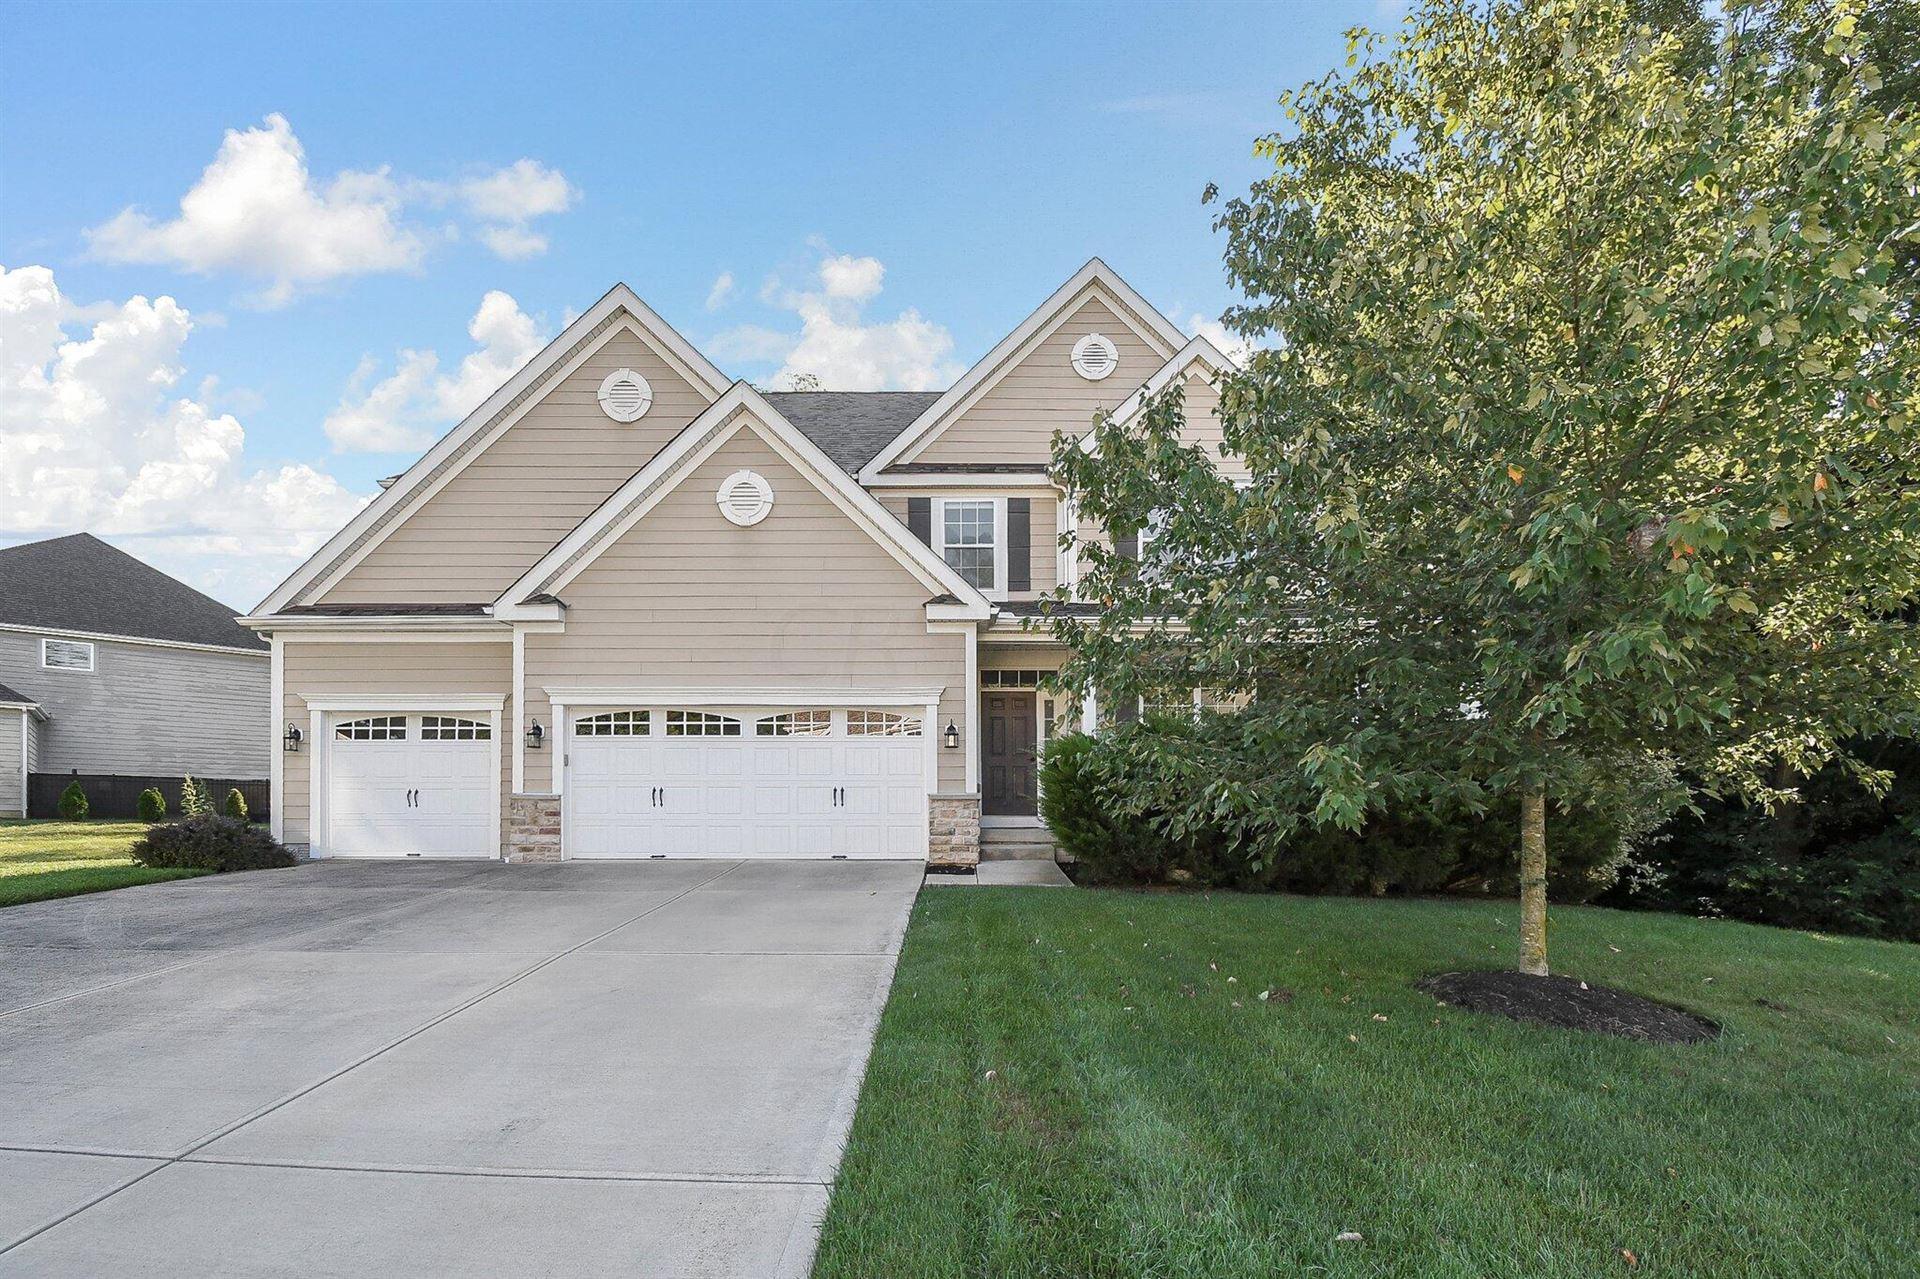 Photo of 534 Maketewah Drive, Delaware, OH 43015 (MLS # 221035046)